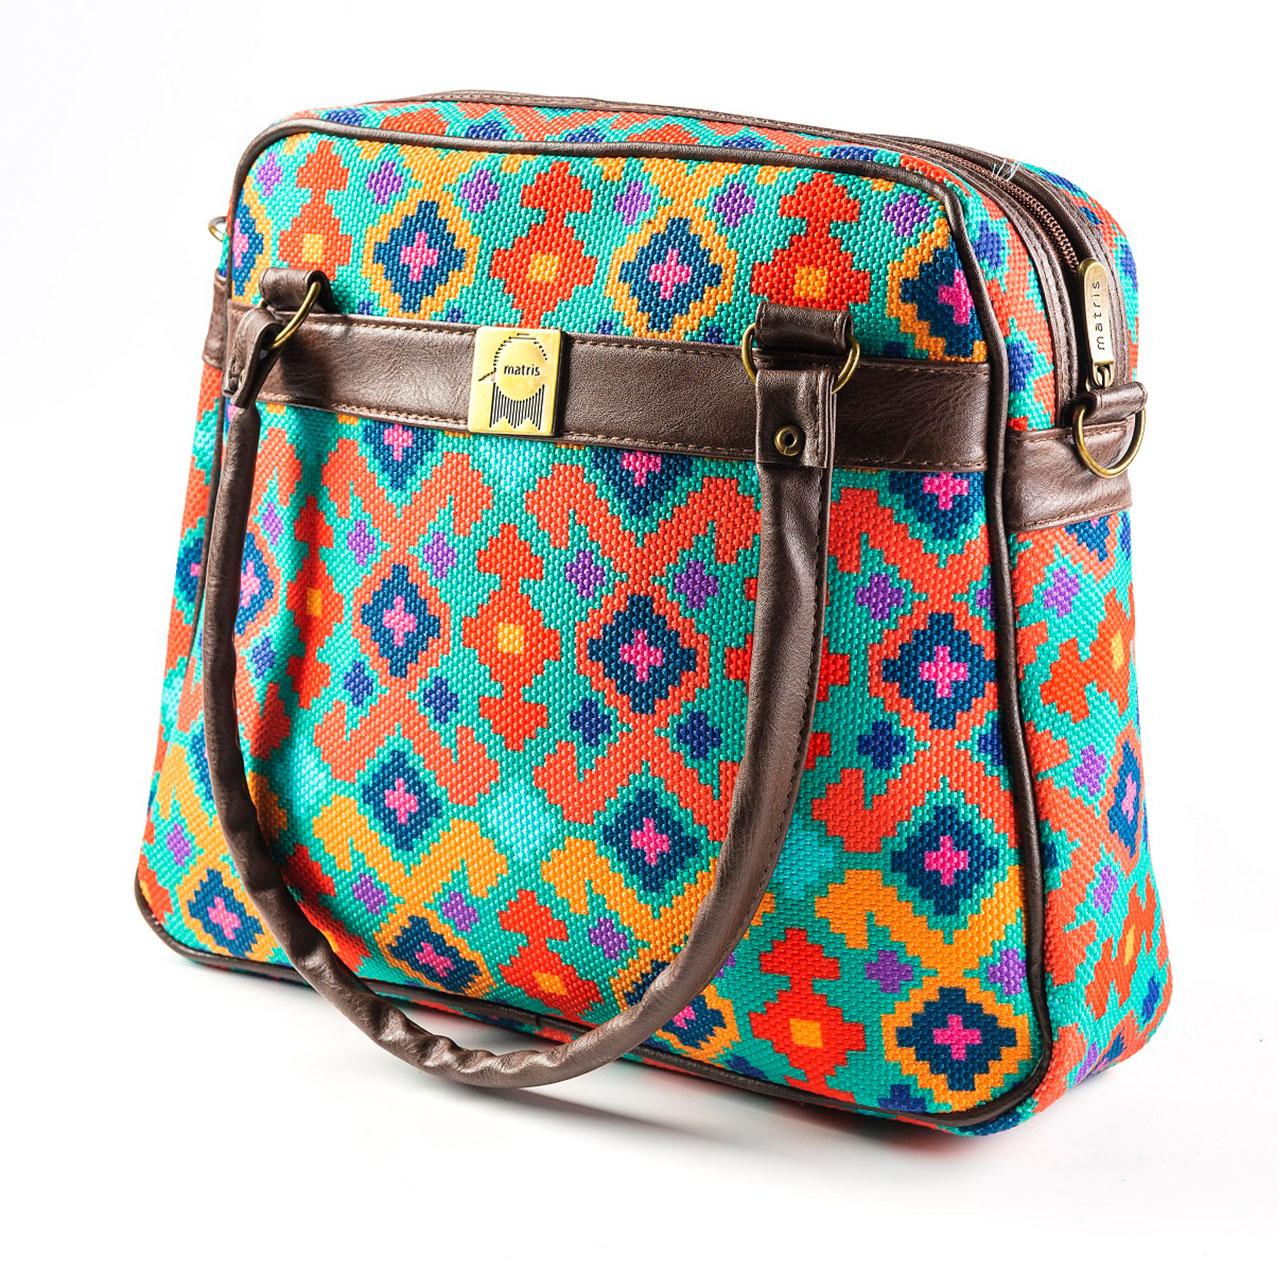 کیف دوشی زنانه ماتریس مدل دیبا DI127